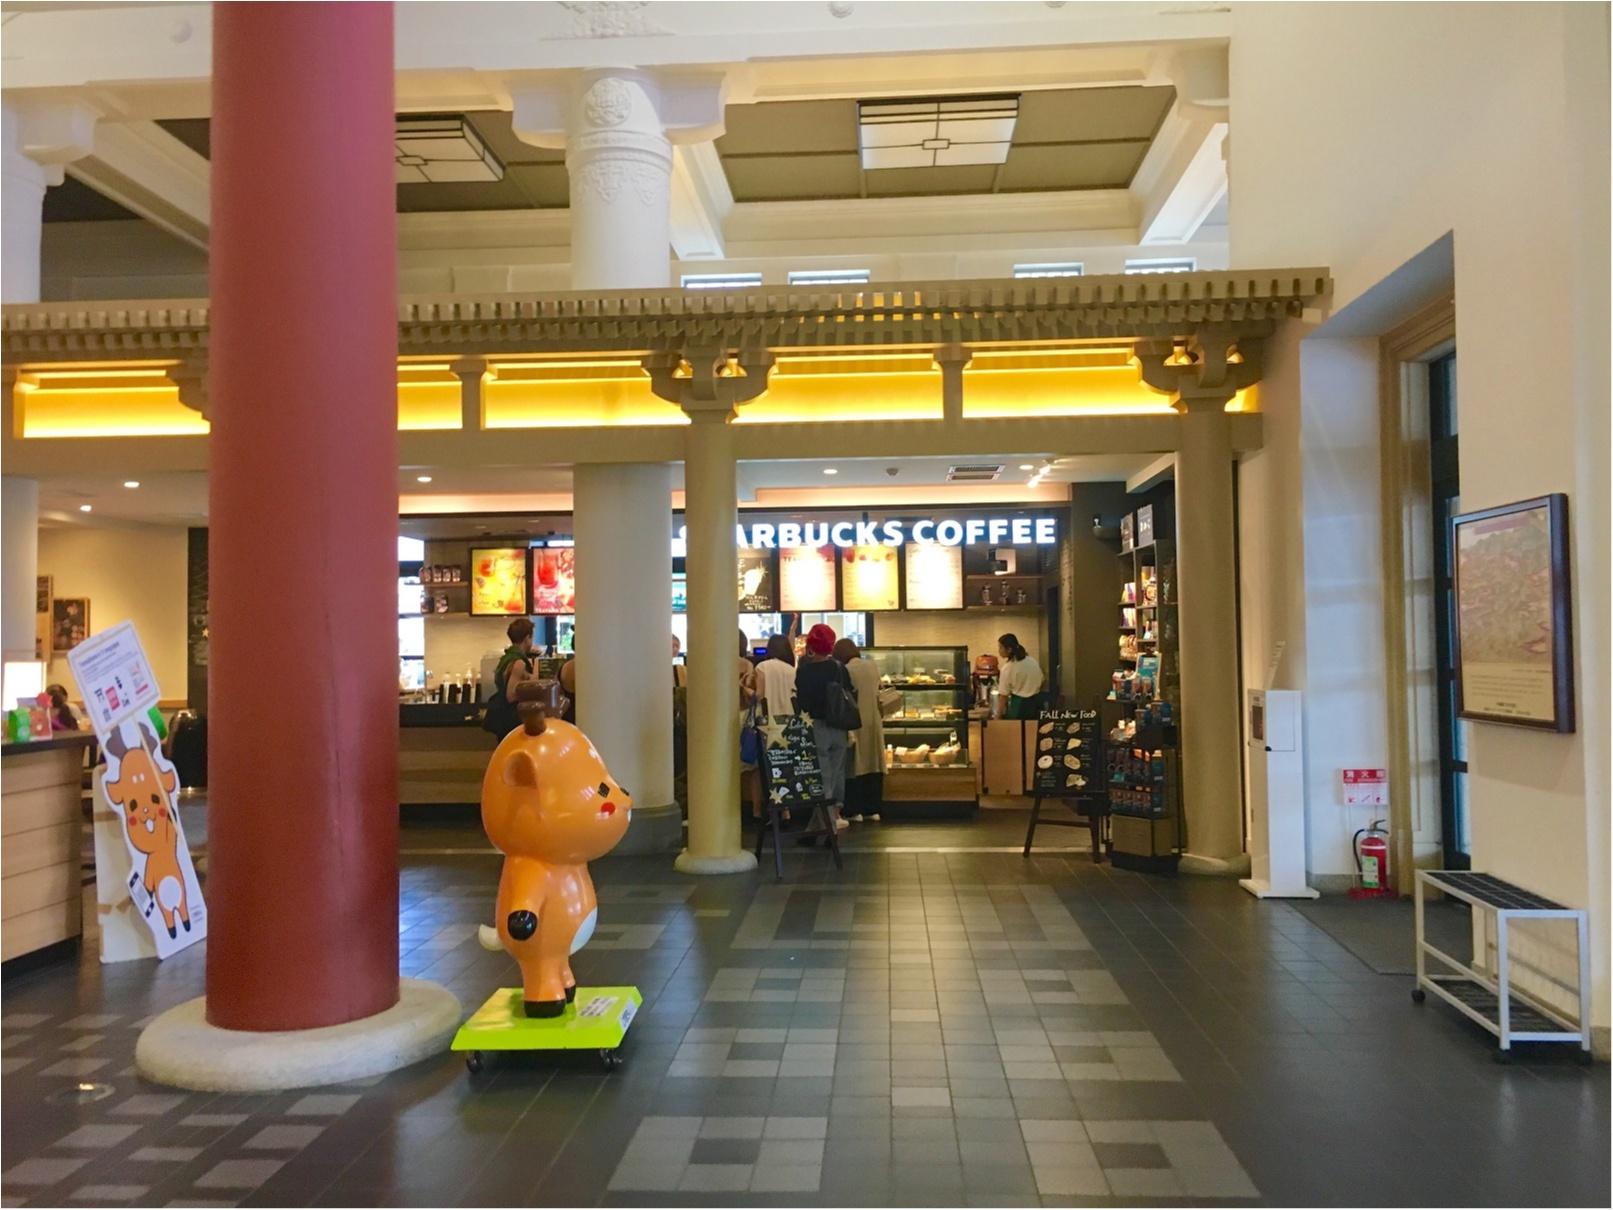 〖ご当地MORE〗奈良駅のスタバは旧〇〇!レトロ感もあって雰囲気最高♪奈良観光の時はチェックすべし★_2